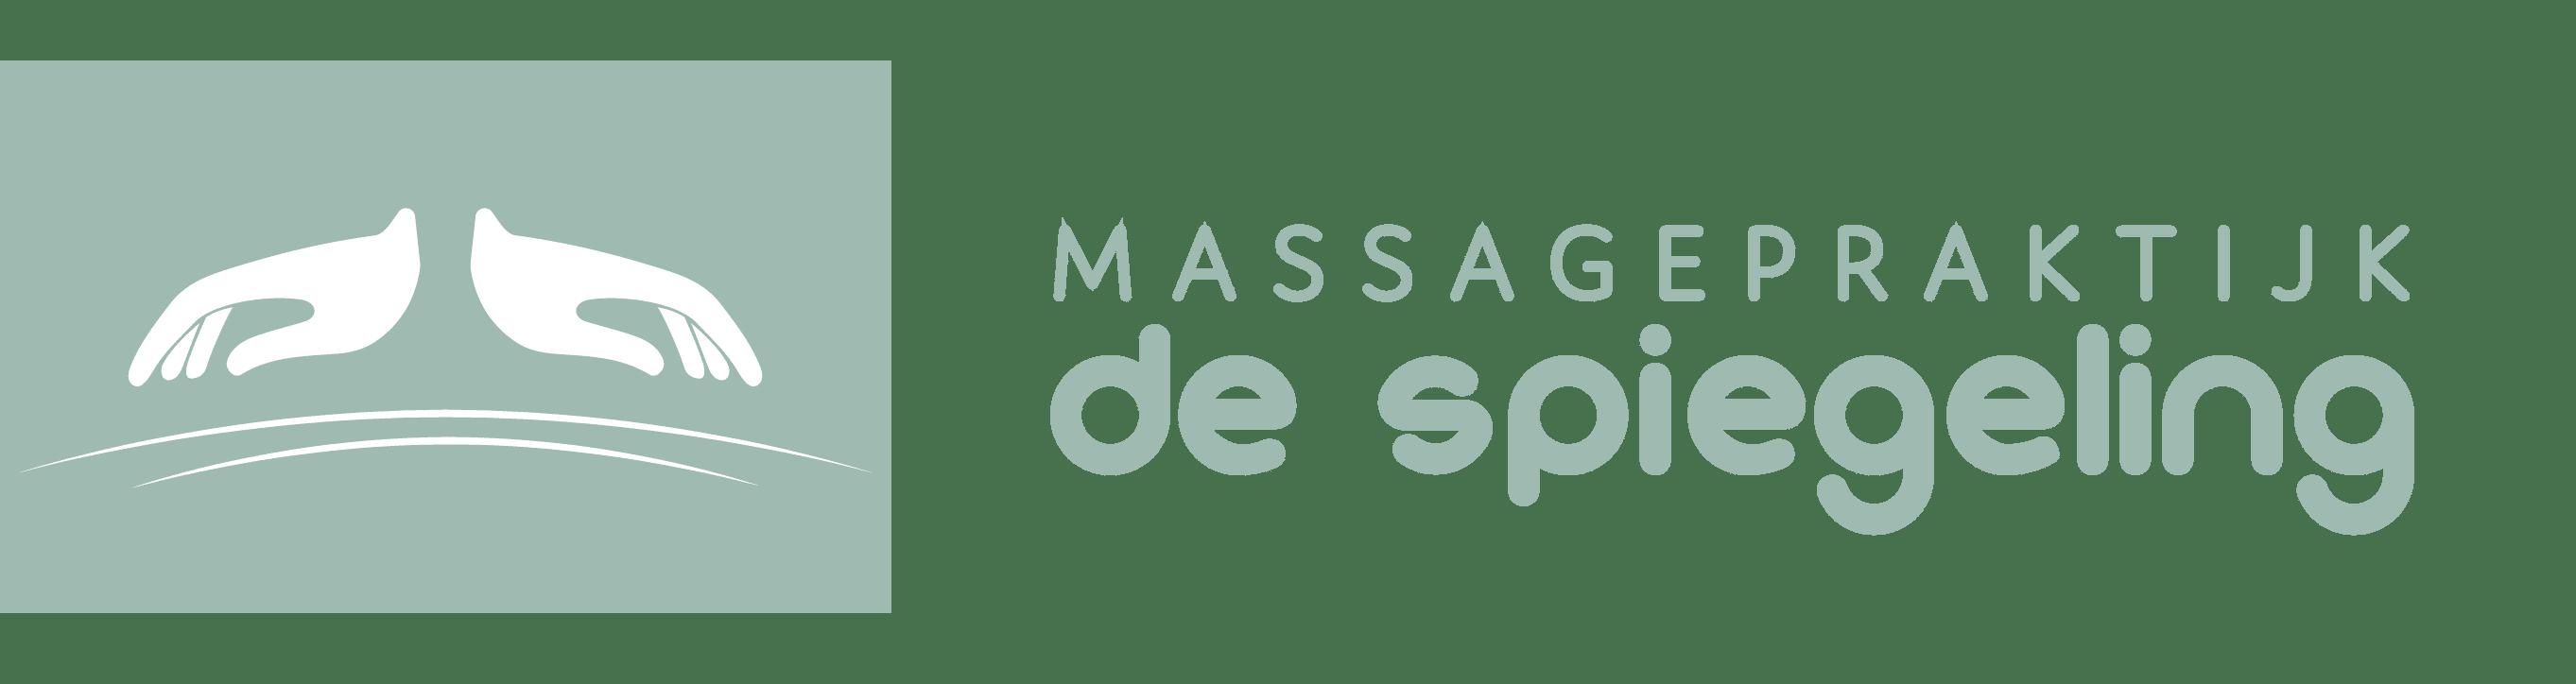 Praktijk voor holistische massage De Spiegeling